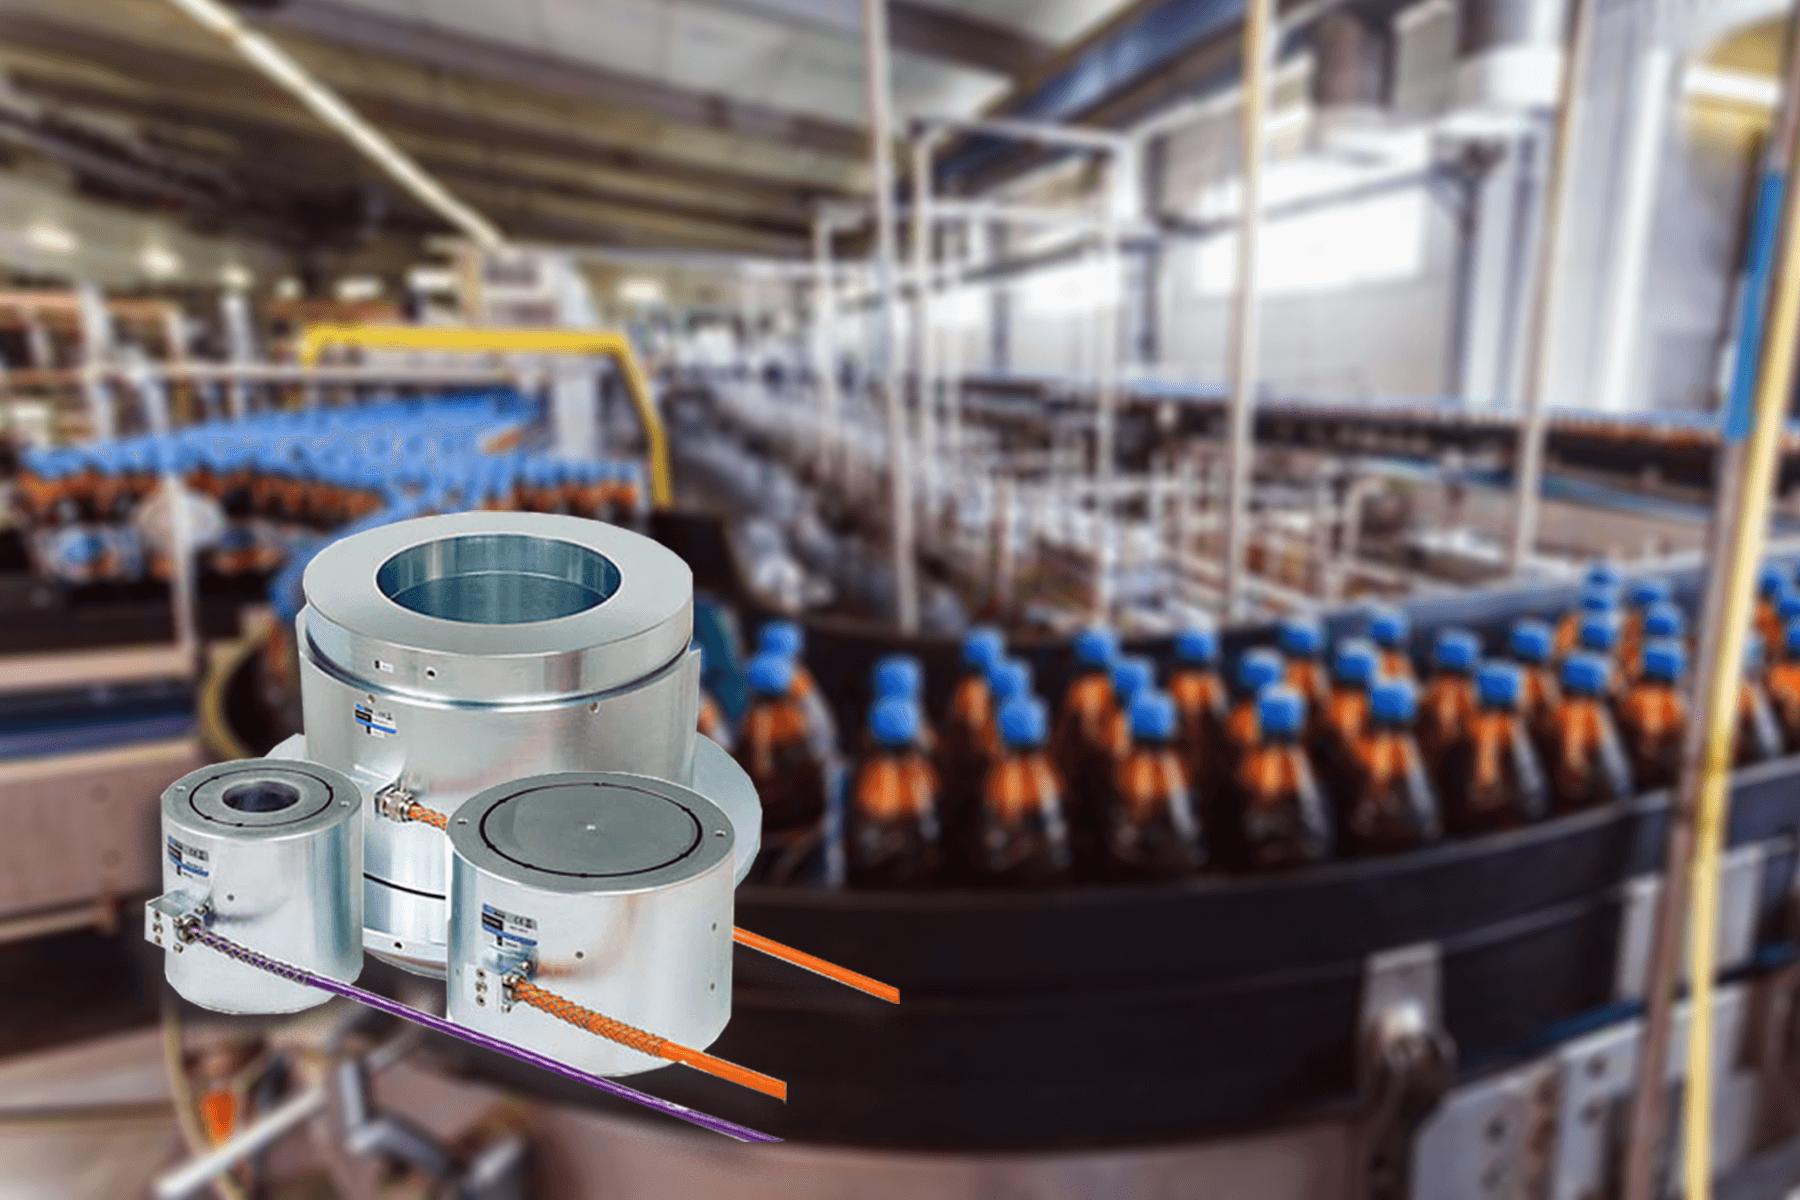 Tipe-tipe Load cell yang perlu diketahui pada mesin…